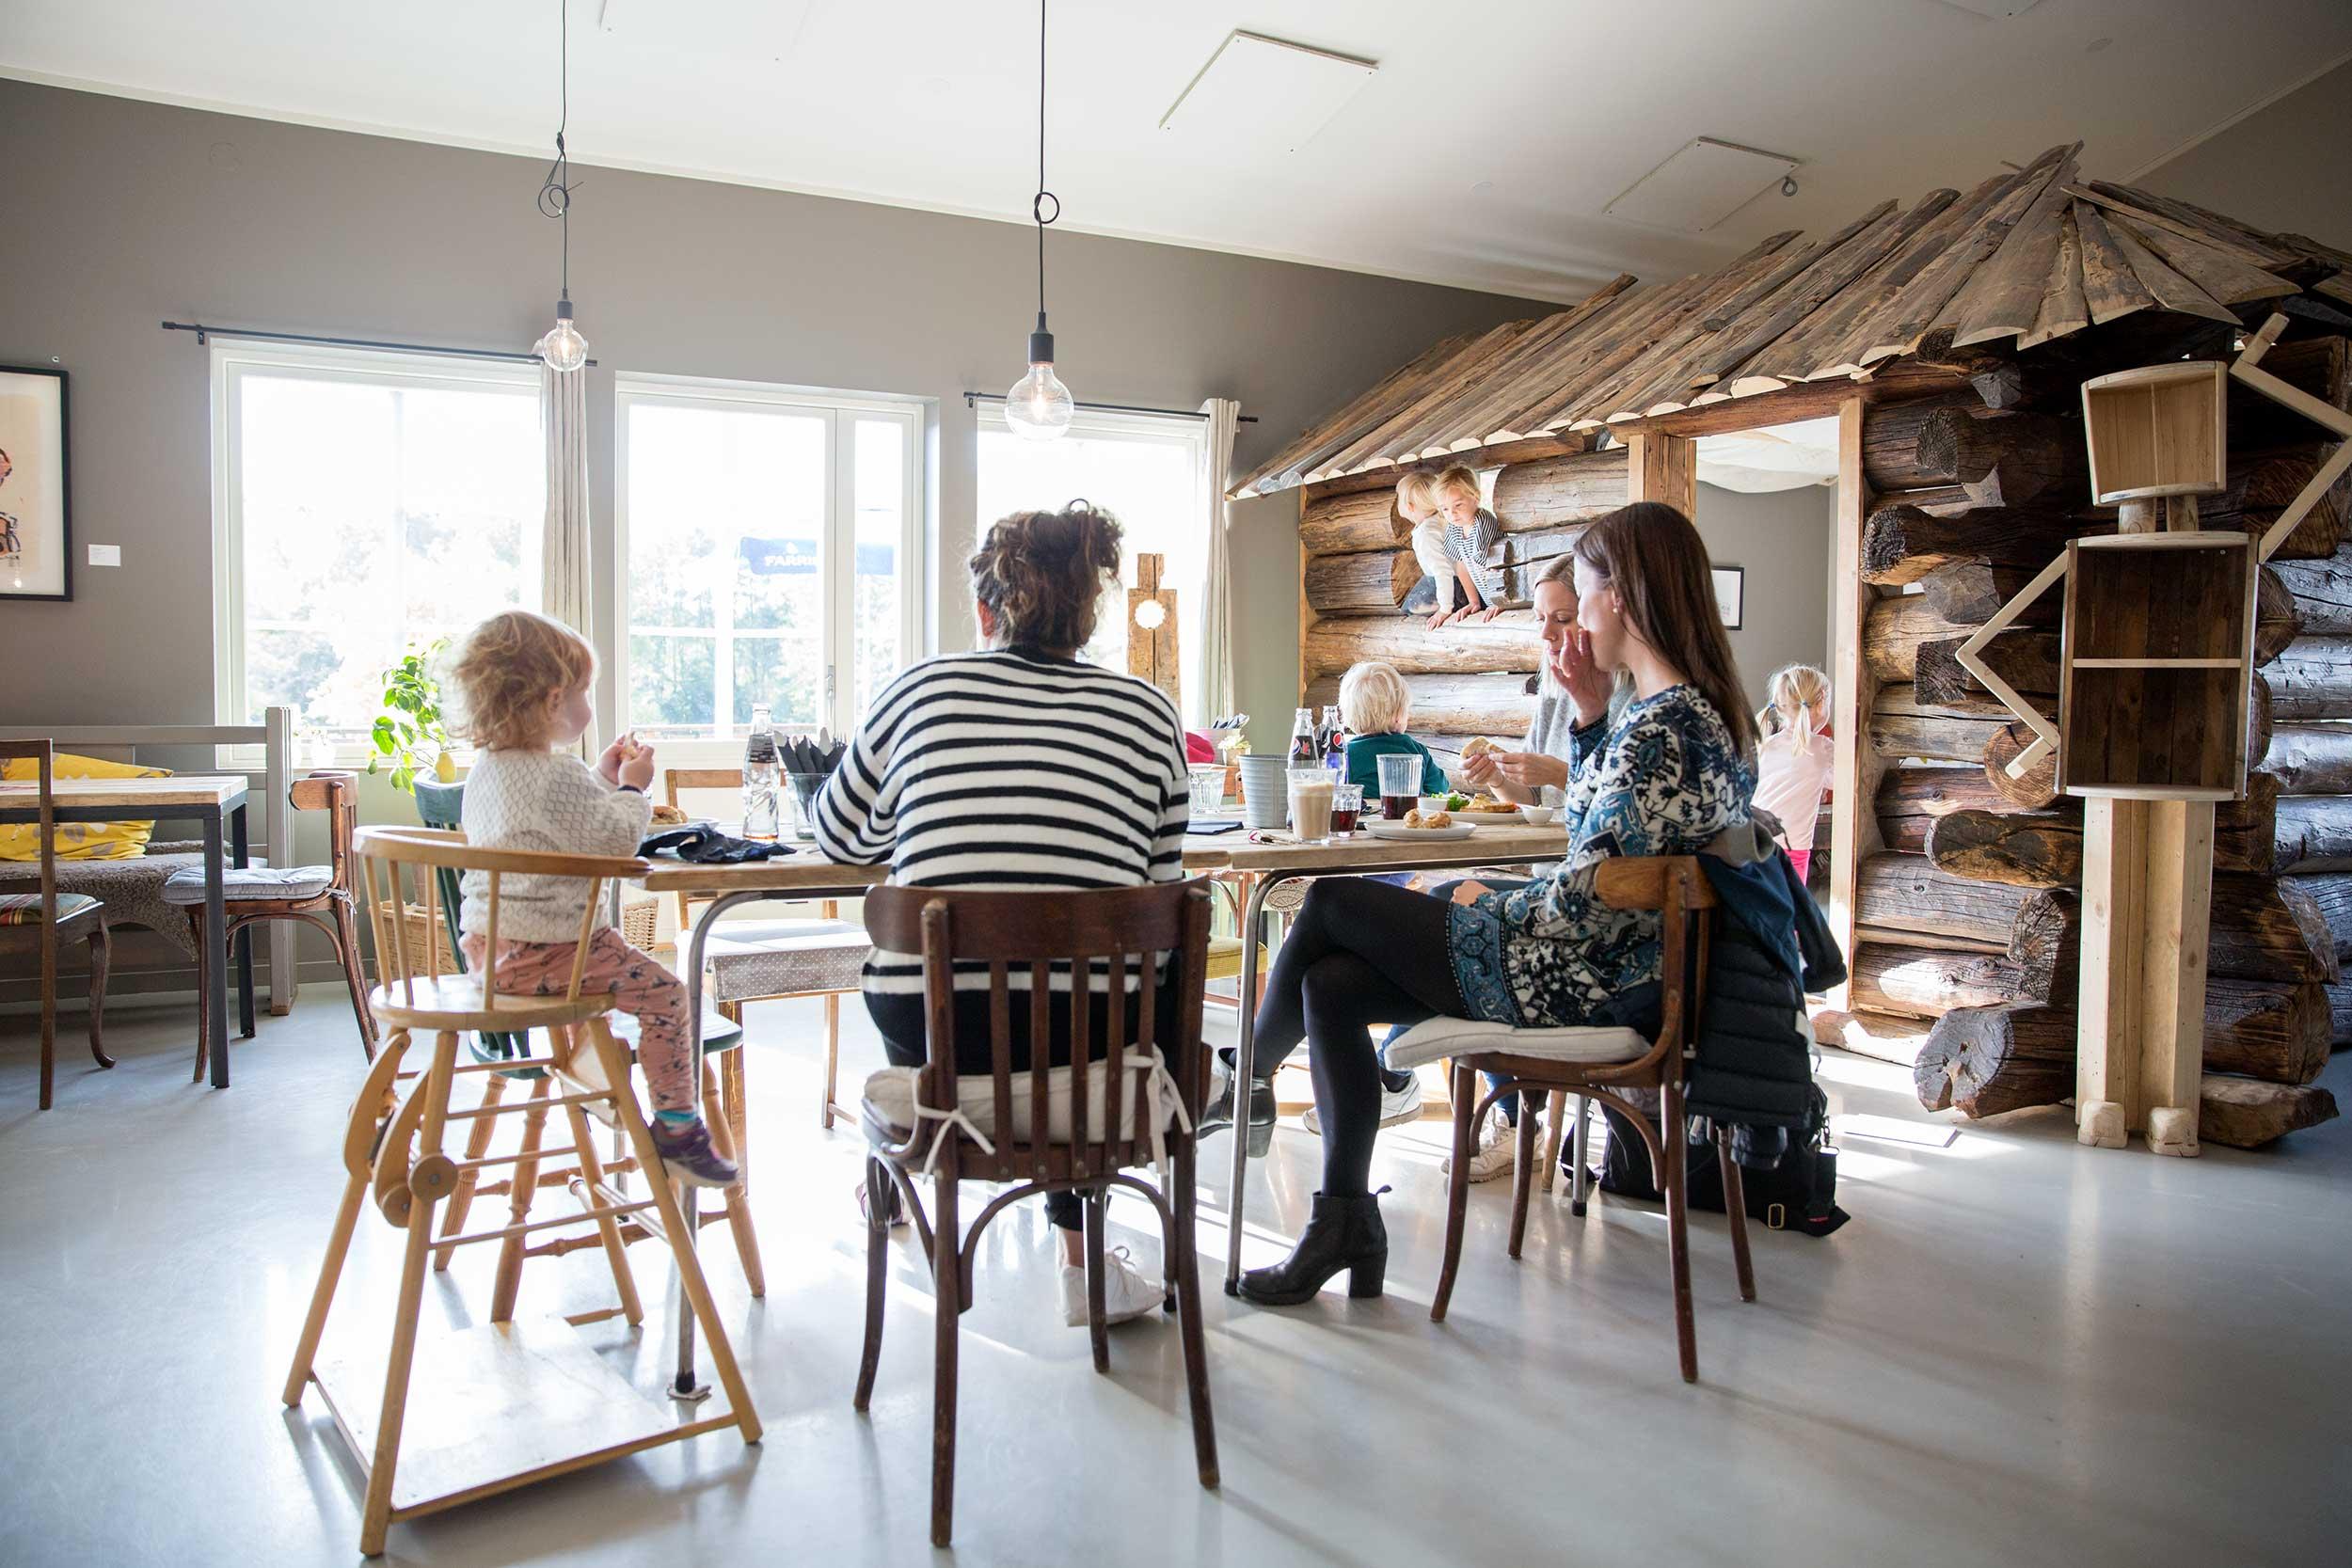 Mødre på besøk i kafeen